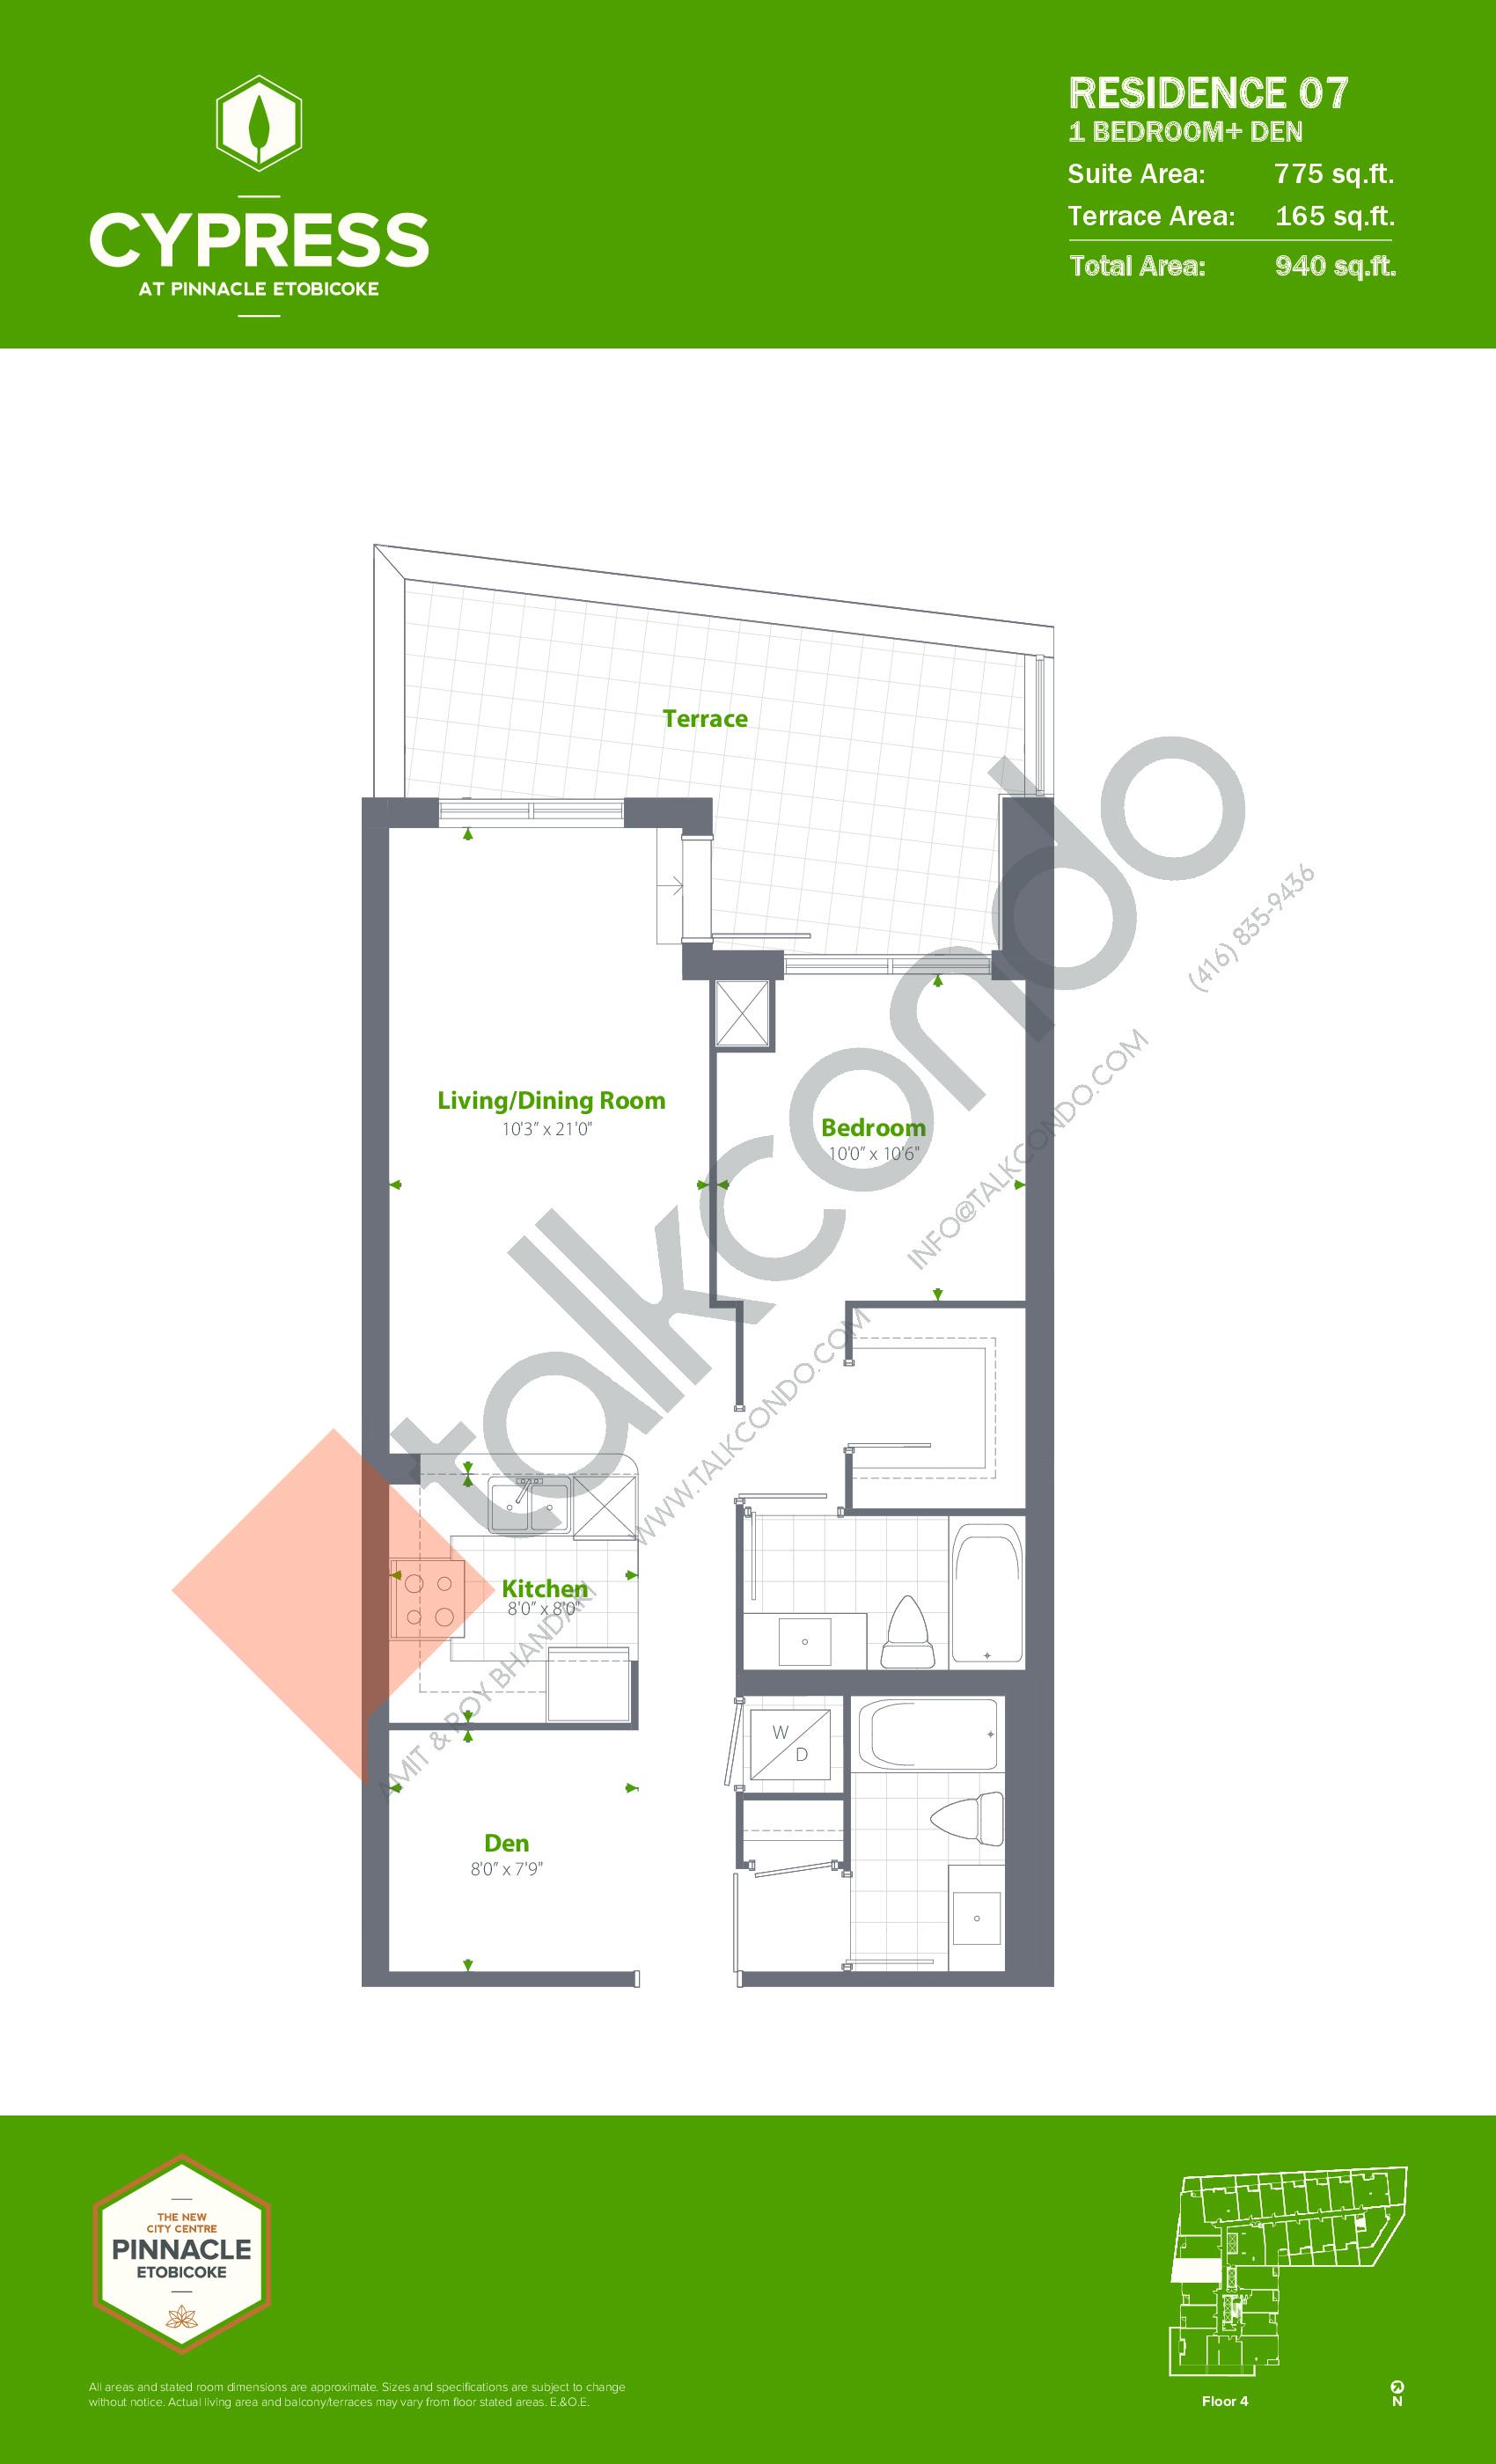 Residence 07 Floor Plan at Cypress at Pinnacle Etobicoke - 775 sq.ft